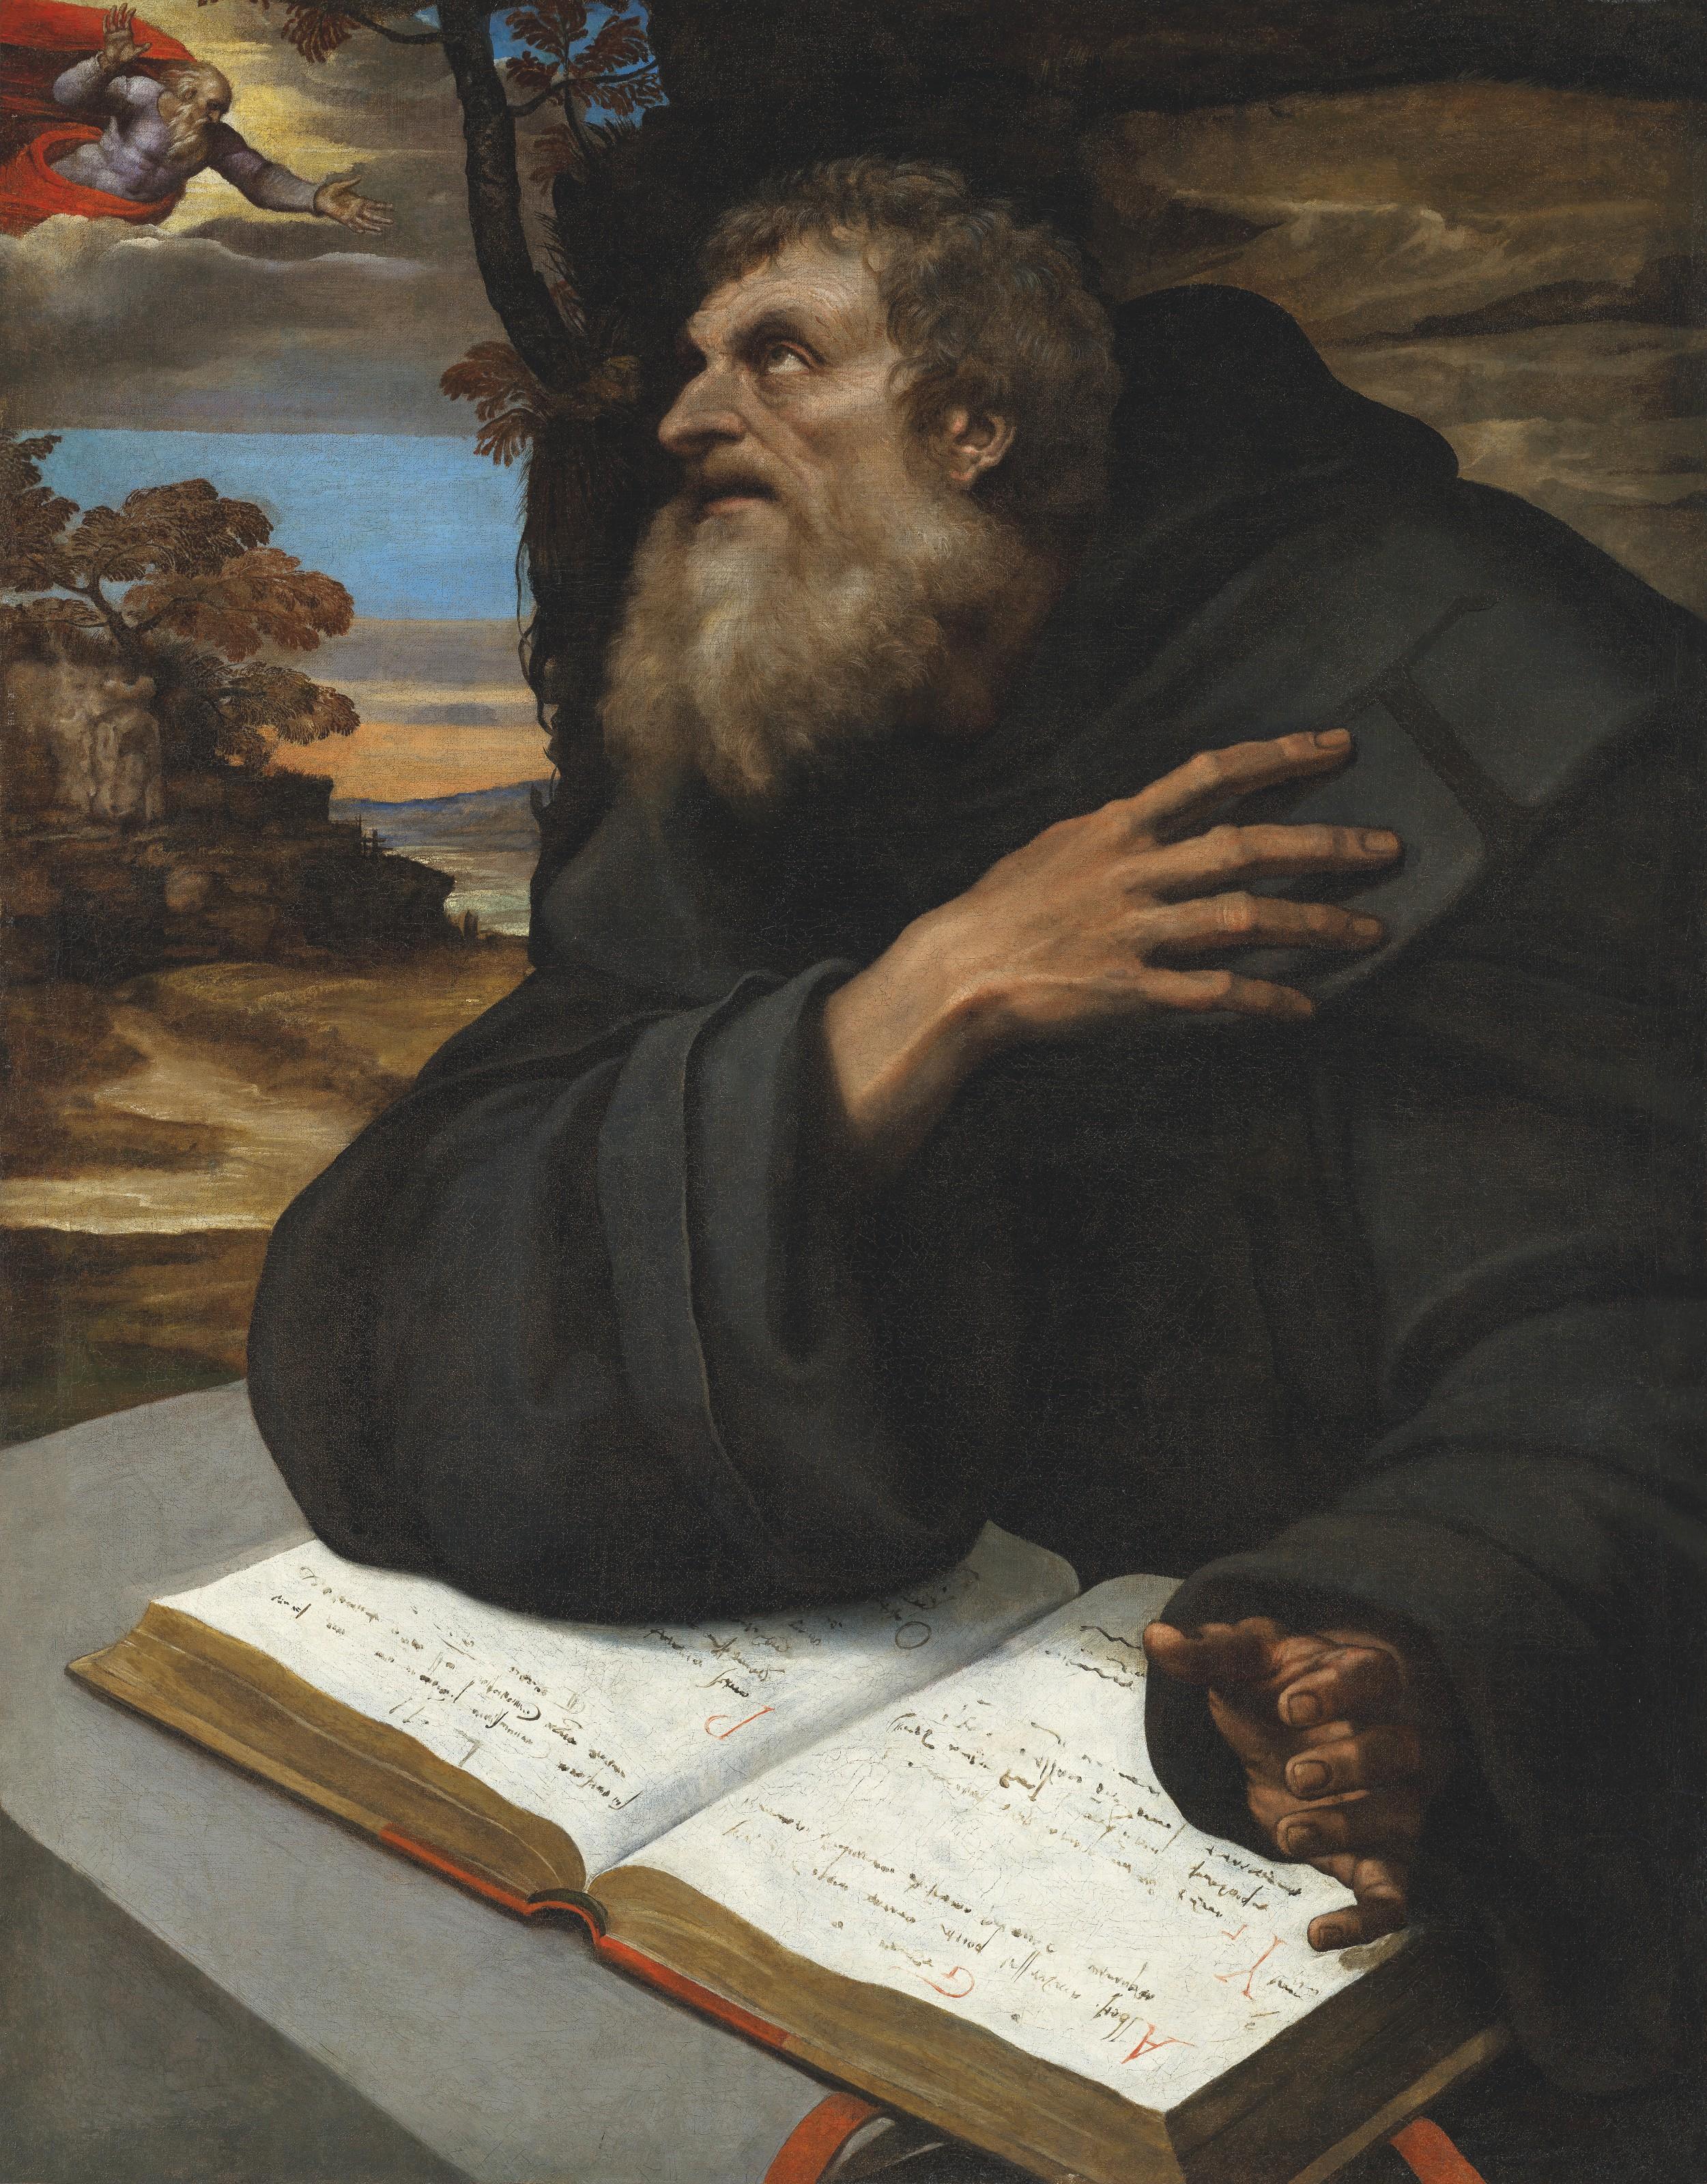 SEBASTIANO LUCIANI, CALLED SEBASTIANO DEL PIOMBO (VENICE C. 1485–1547 ROME)